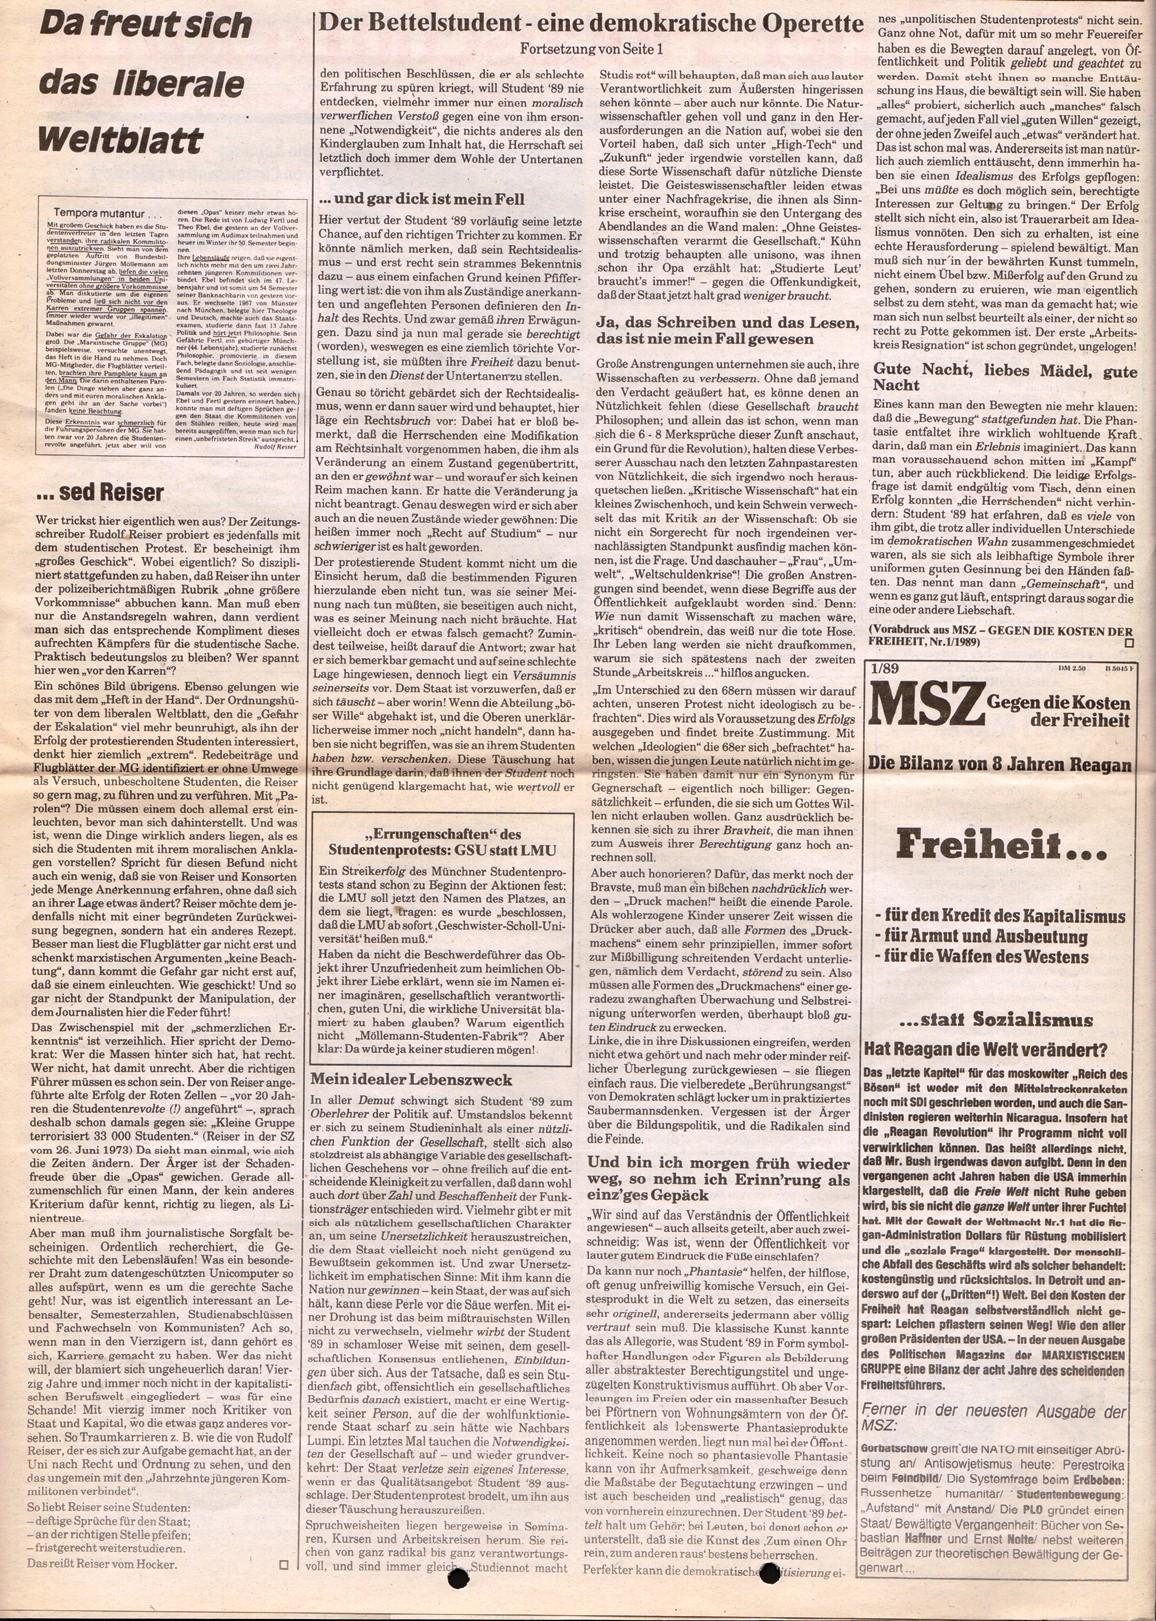 Muenchen_MG_Hochschulzeitung_19890124_02